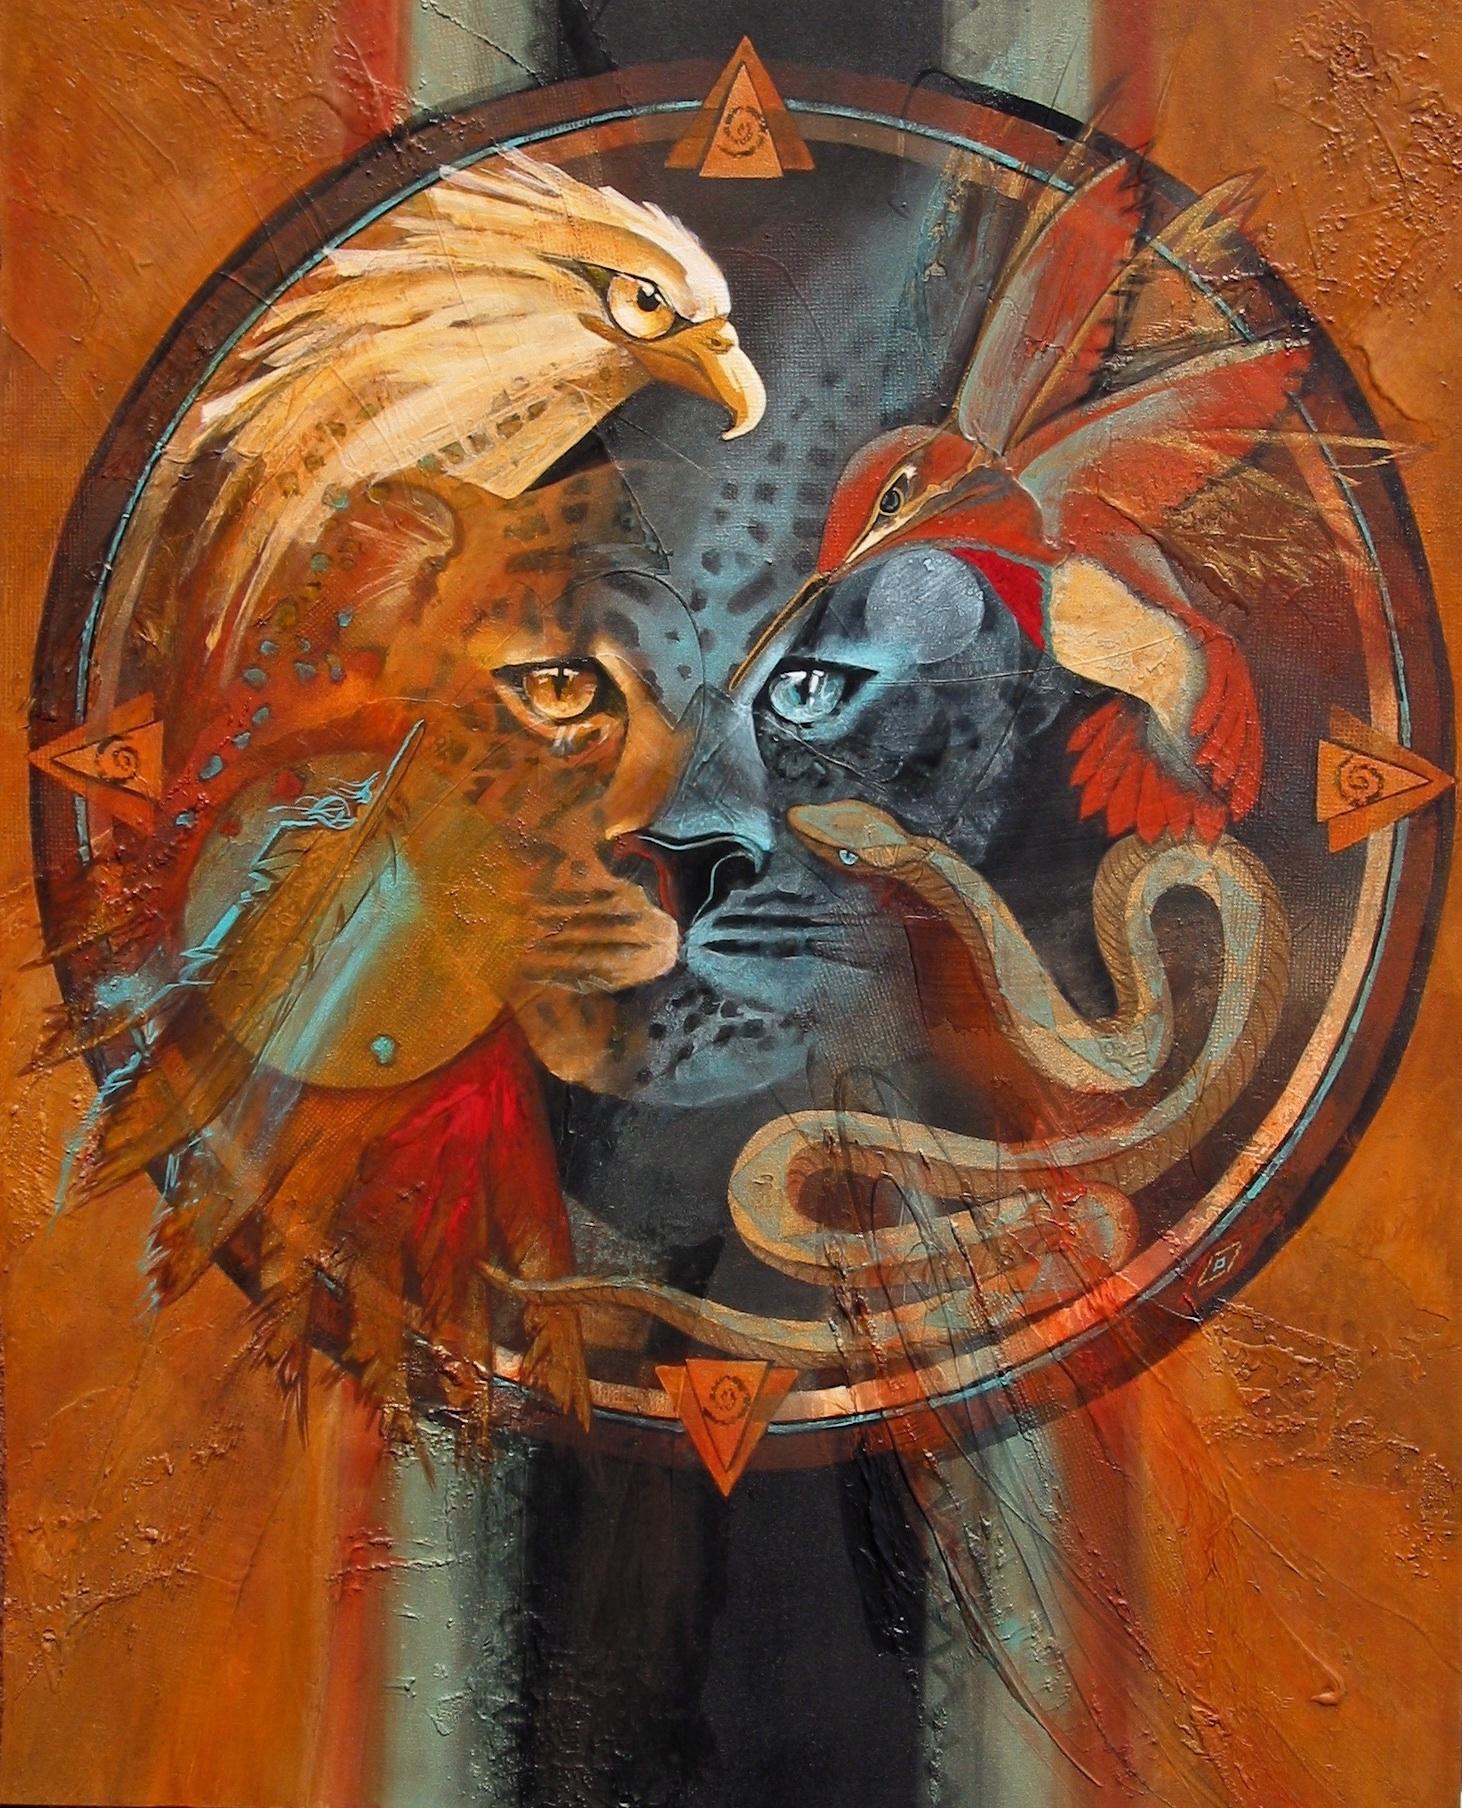 гороскоп сегодня: в символдрамме образ лебедя Волгин